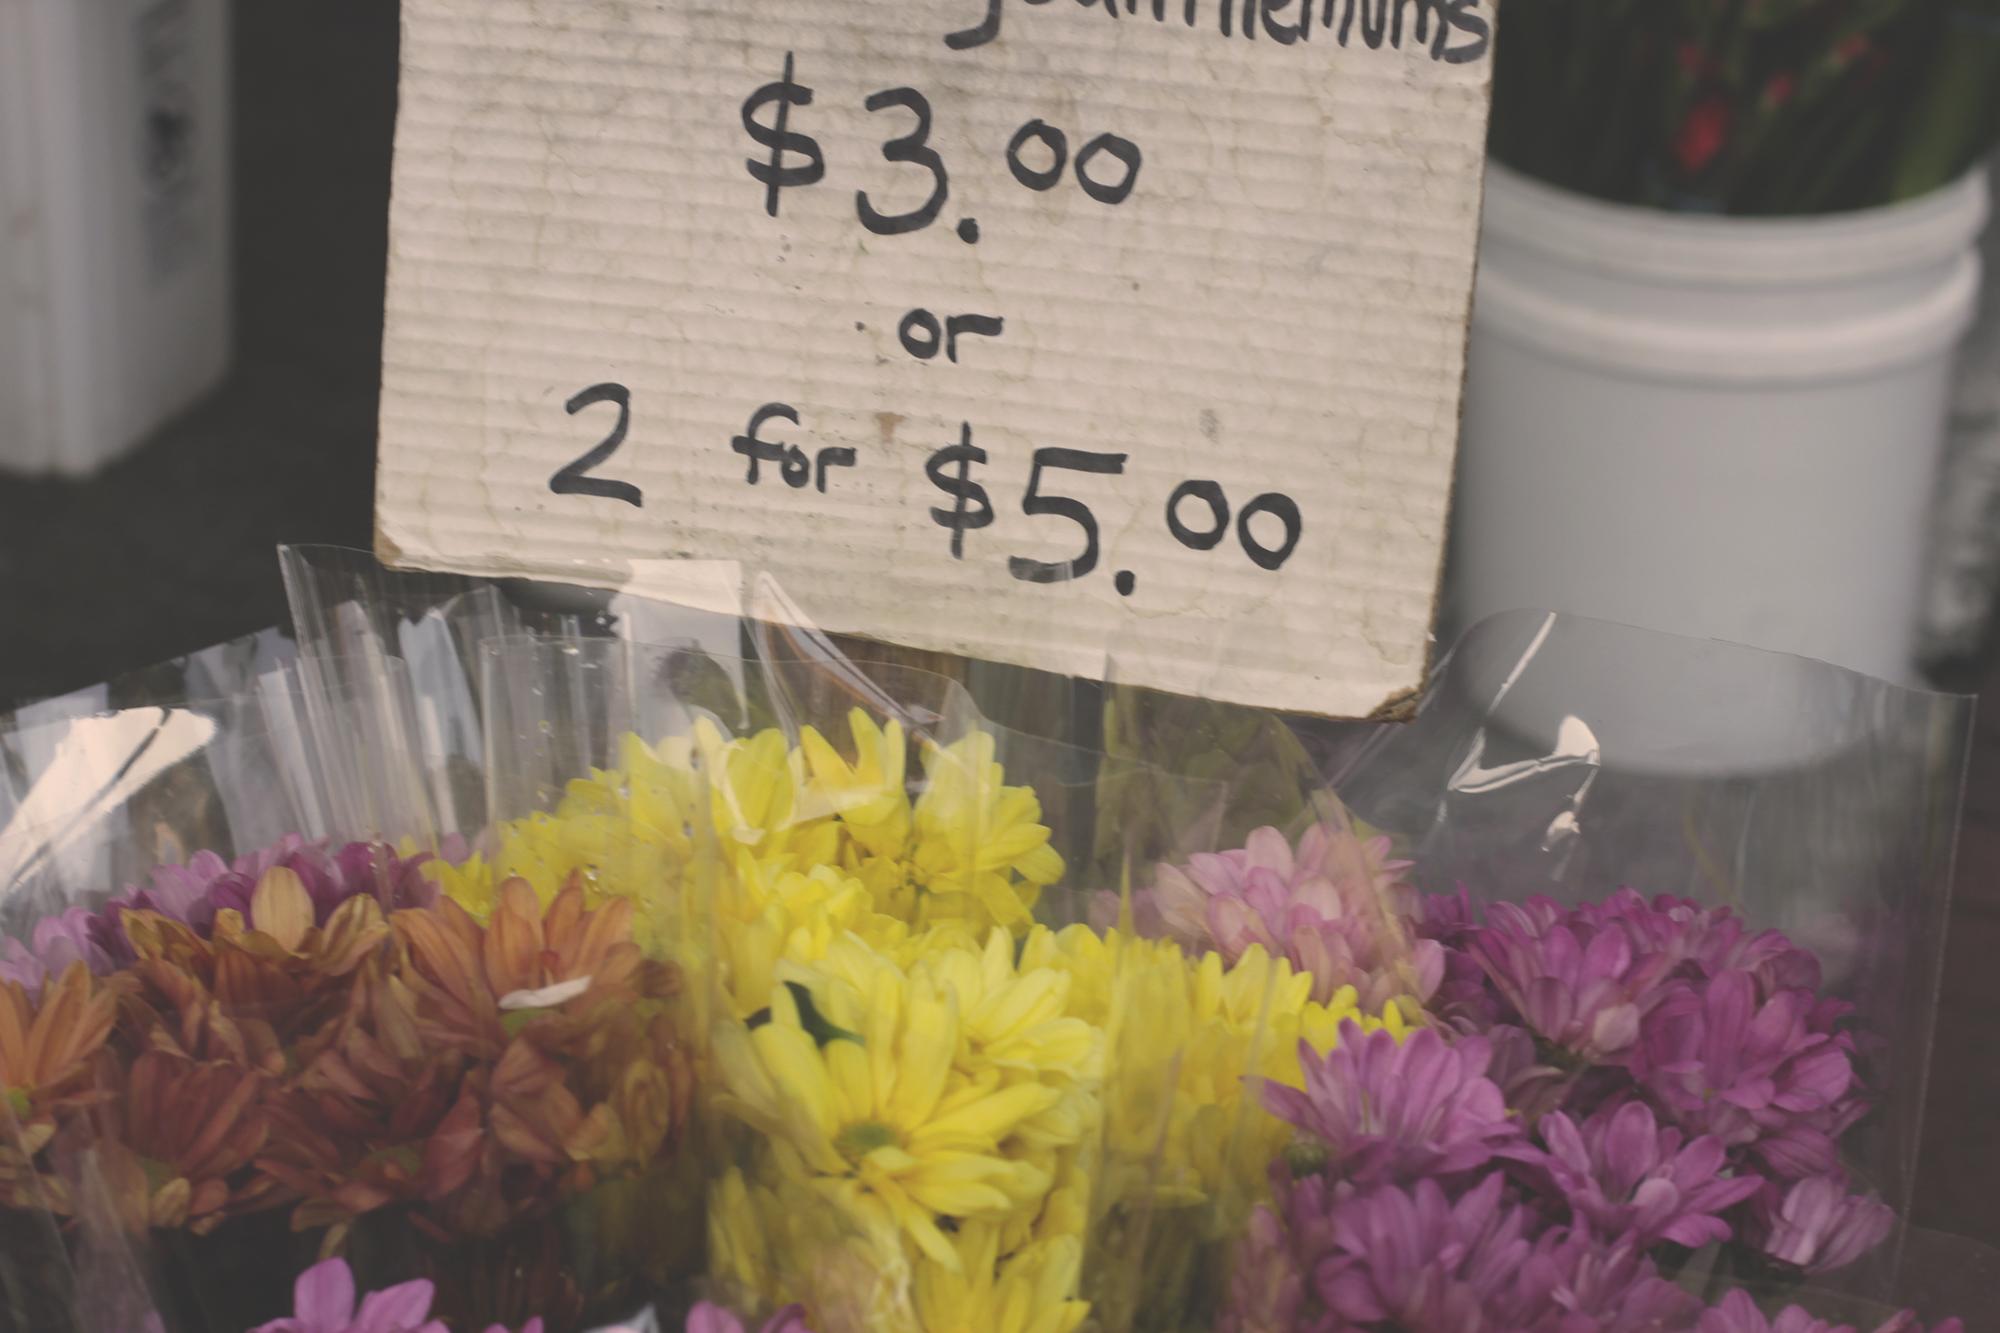 FlowerPrice.png